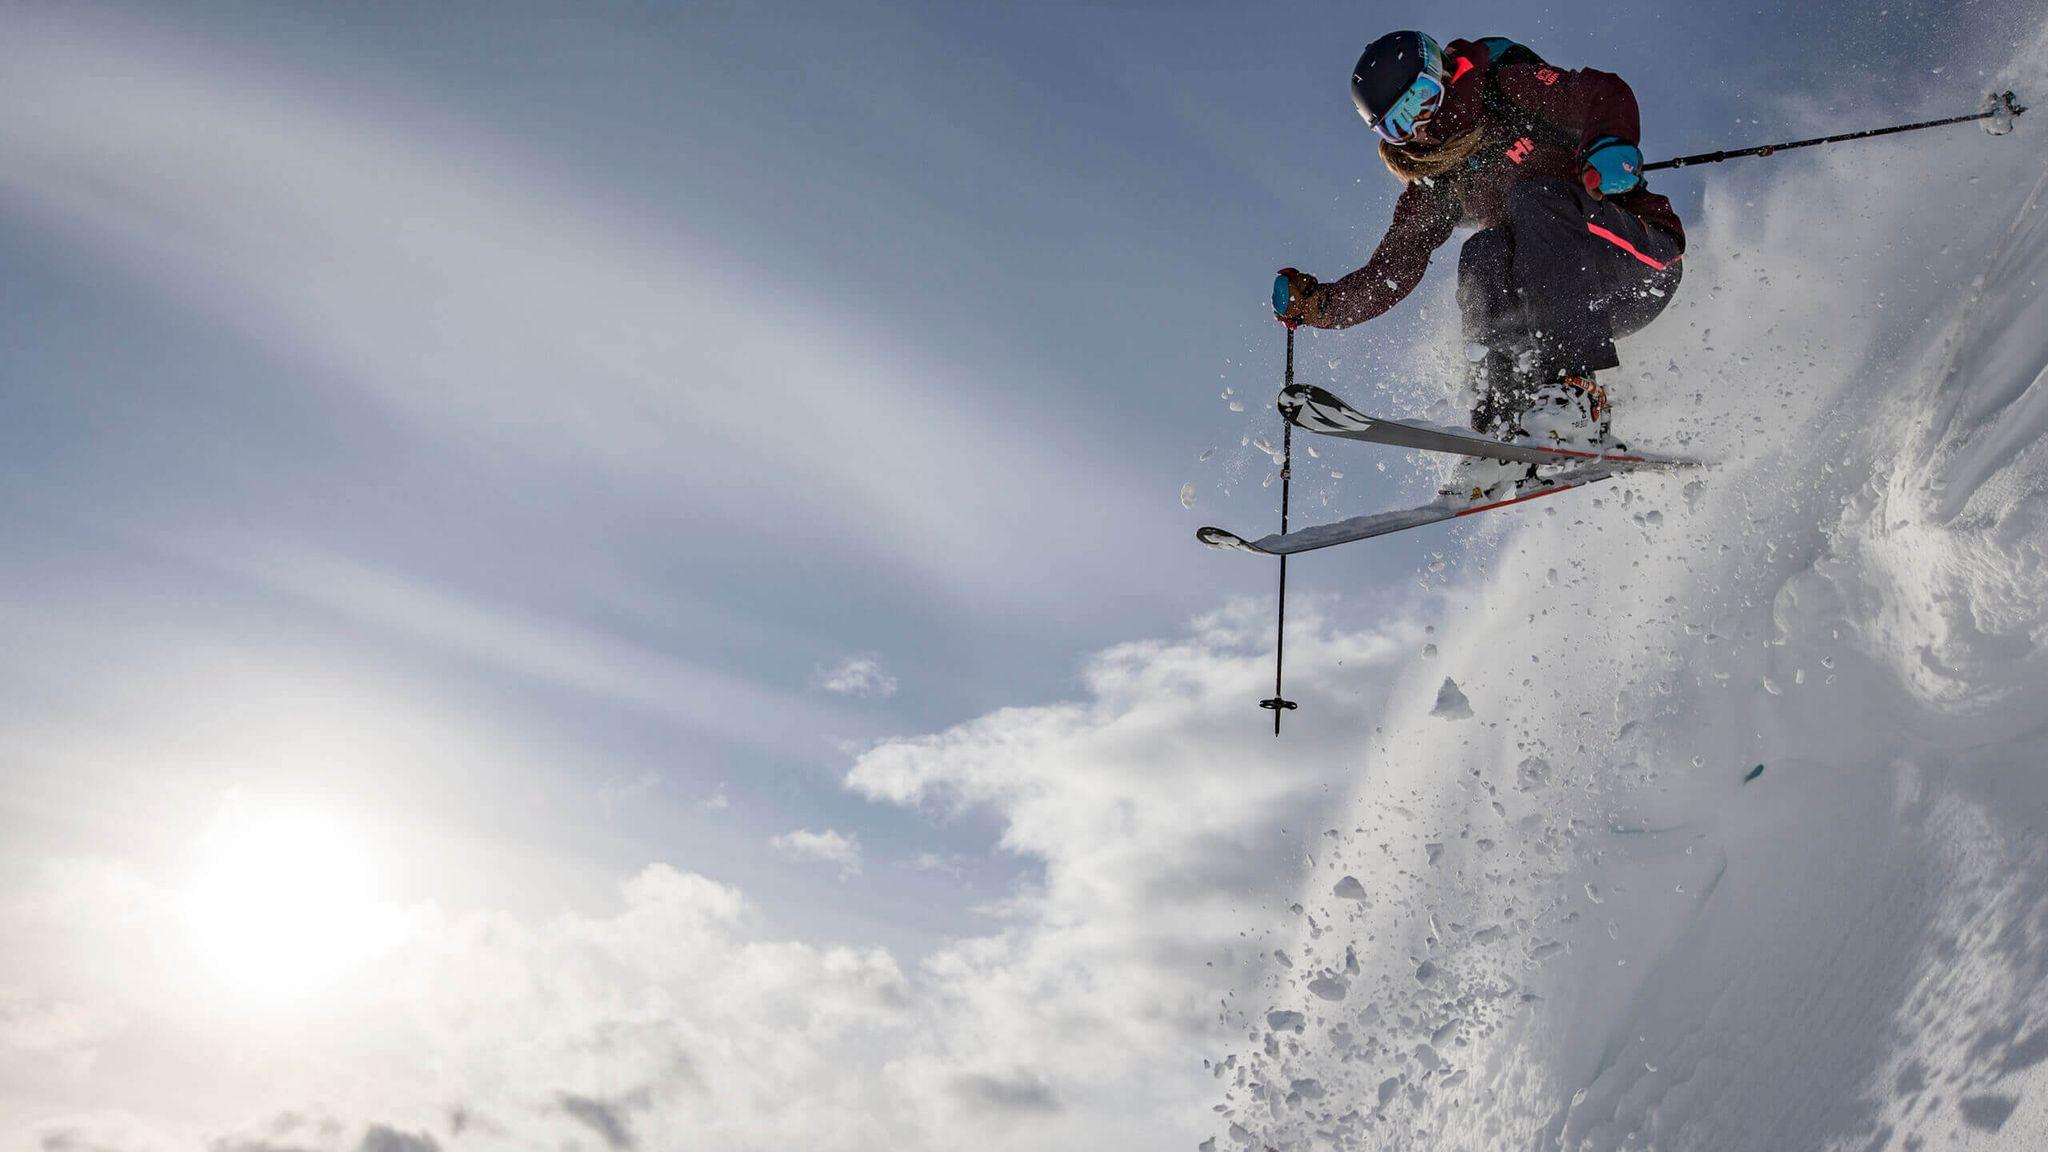 hur långa skidor ska man ha